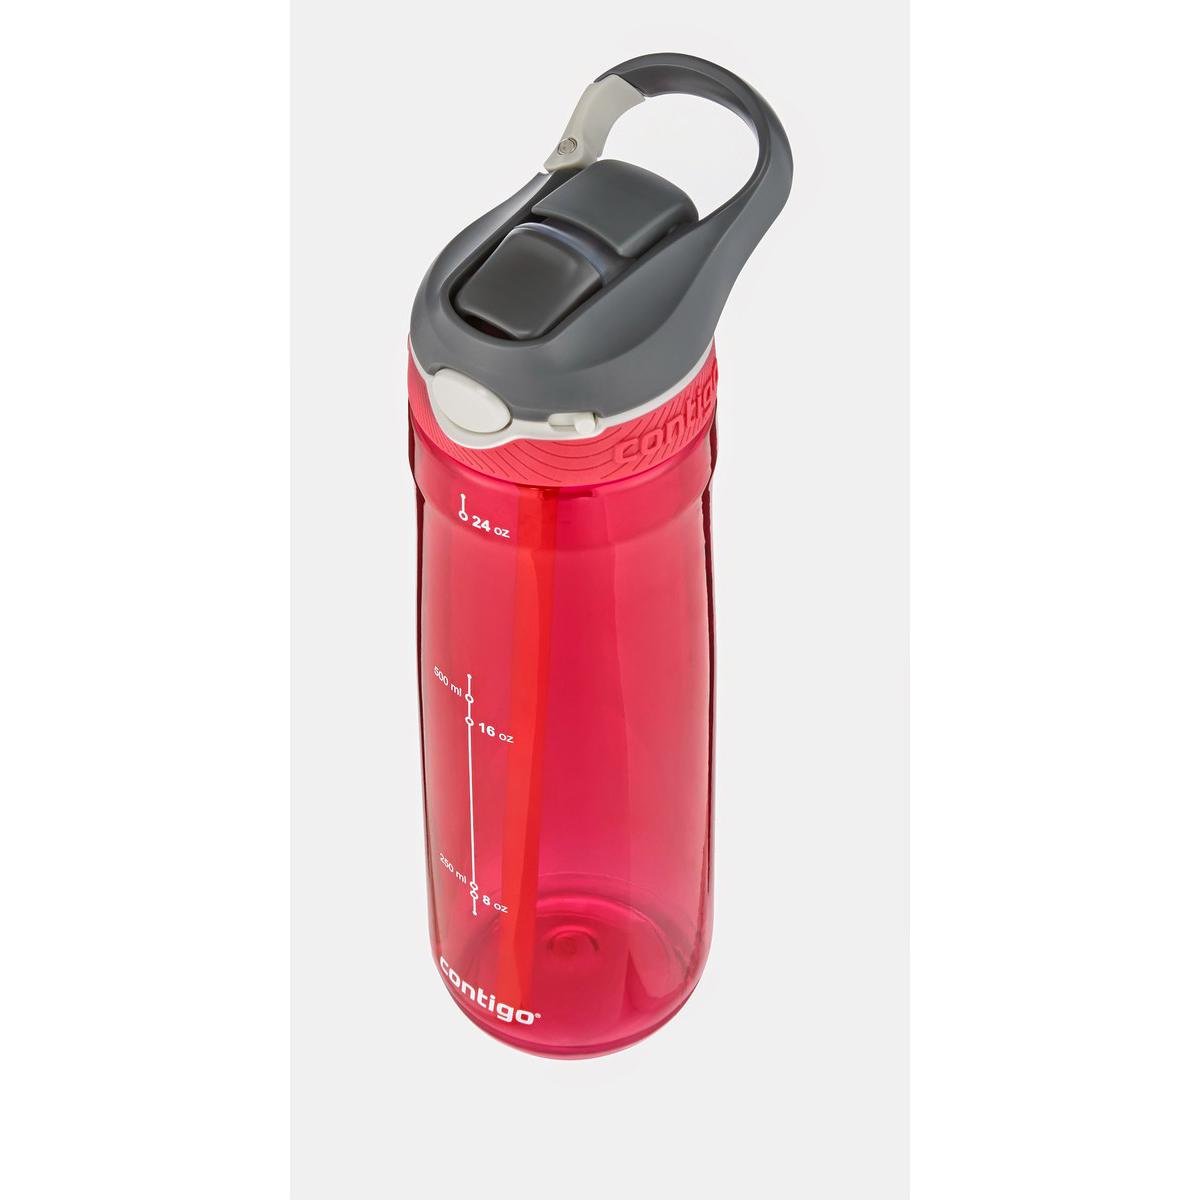 Бутылка для воды Contigo Ashland, цвет: красный, 720 млVT-1520(SR)Бутылка для напитков Contigo Ashland является отличным решением для тех, кто делает осознанный выбор в пользу практичности и комфорта. Благодаря тщательно продуманной форме вы с легкостью сможете положить ее в рюкзак либо сумку. Кроме этого бутылка для воды Contigo Ashland отлично поместится в подстаканник в автомобиле.Горлышко бутылки оснащенное системой Autospout закрывается надежно и герметично. Благодаря этому вы получите полную уверенность в том, что даже при перекидывании бутылки ее содержимое не прольется. Объем 720 мл.